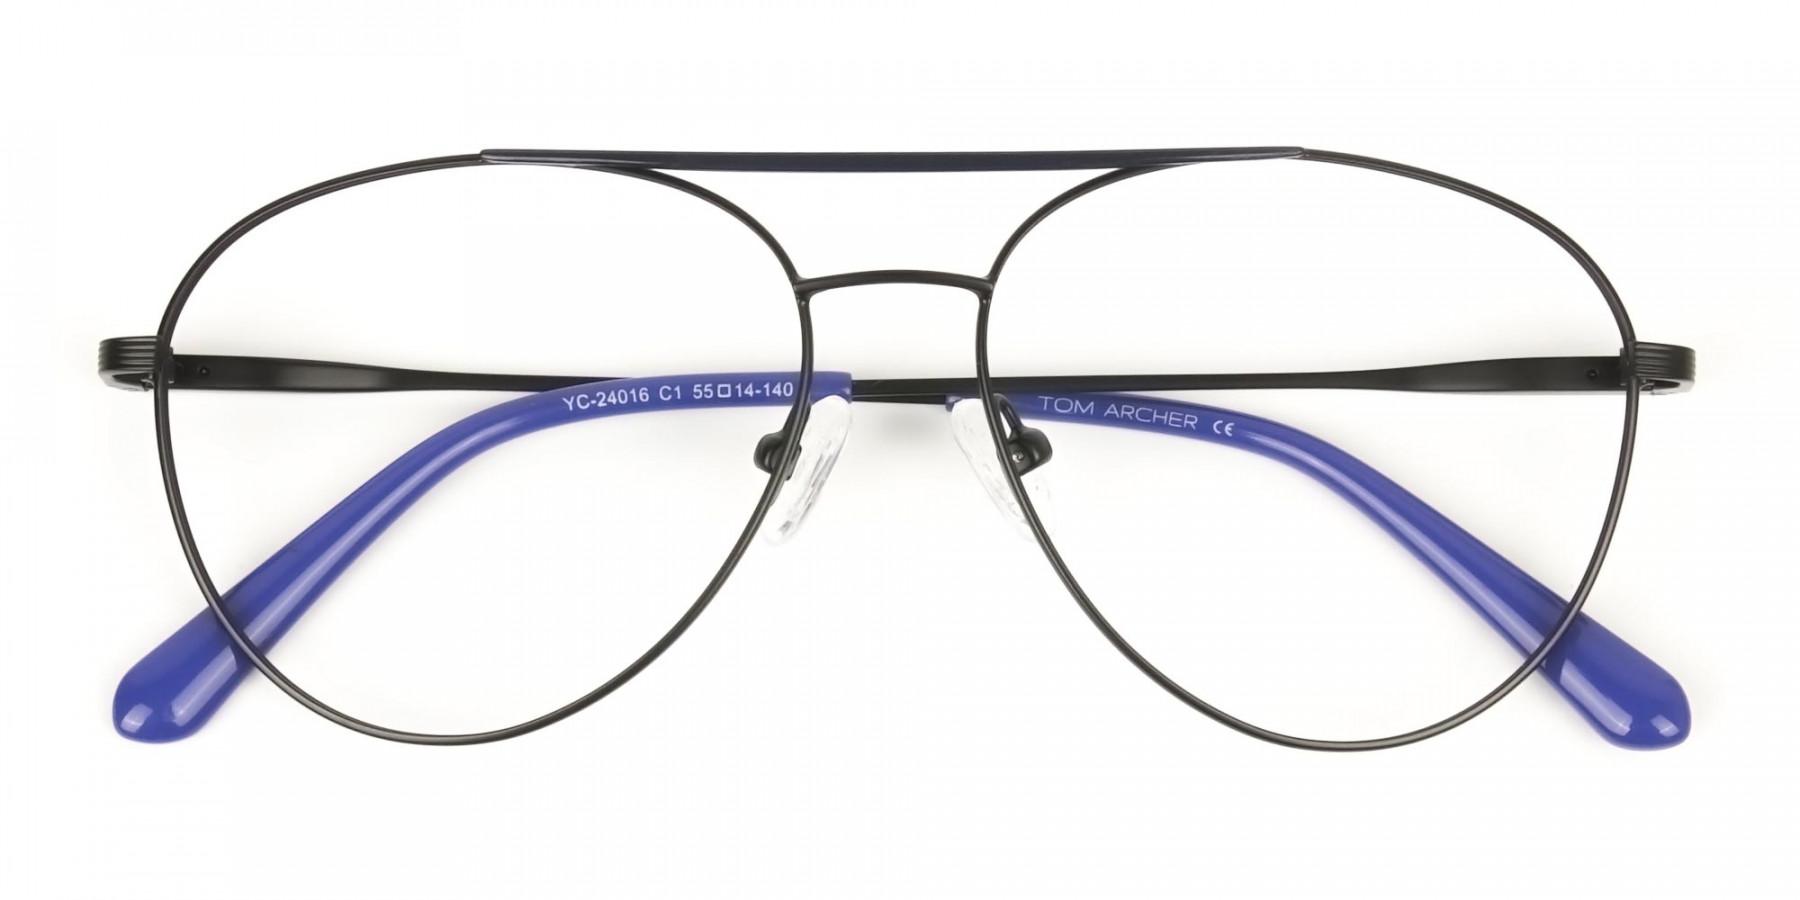 Black Flat Bridge Metal Aviator Glasses - 1